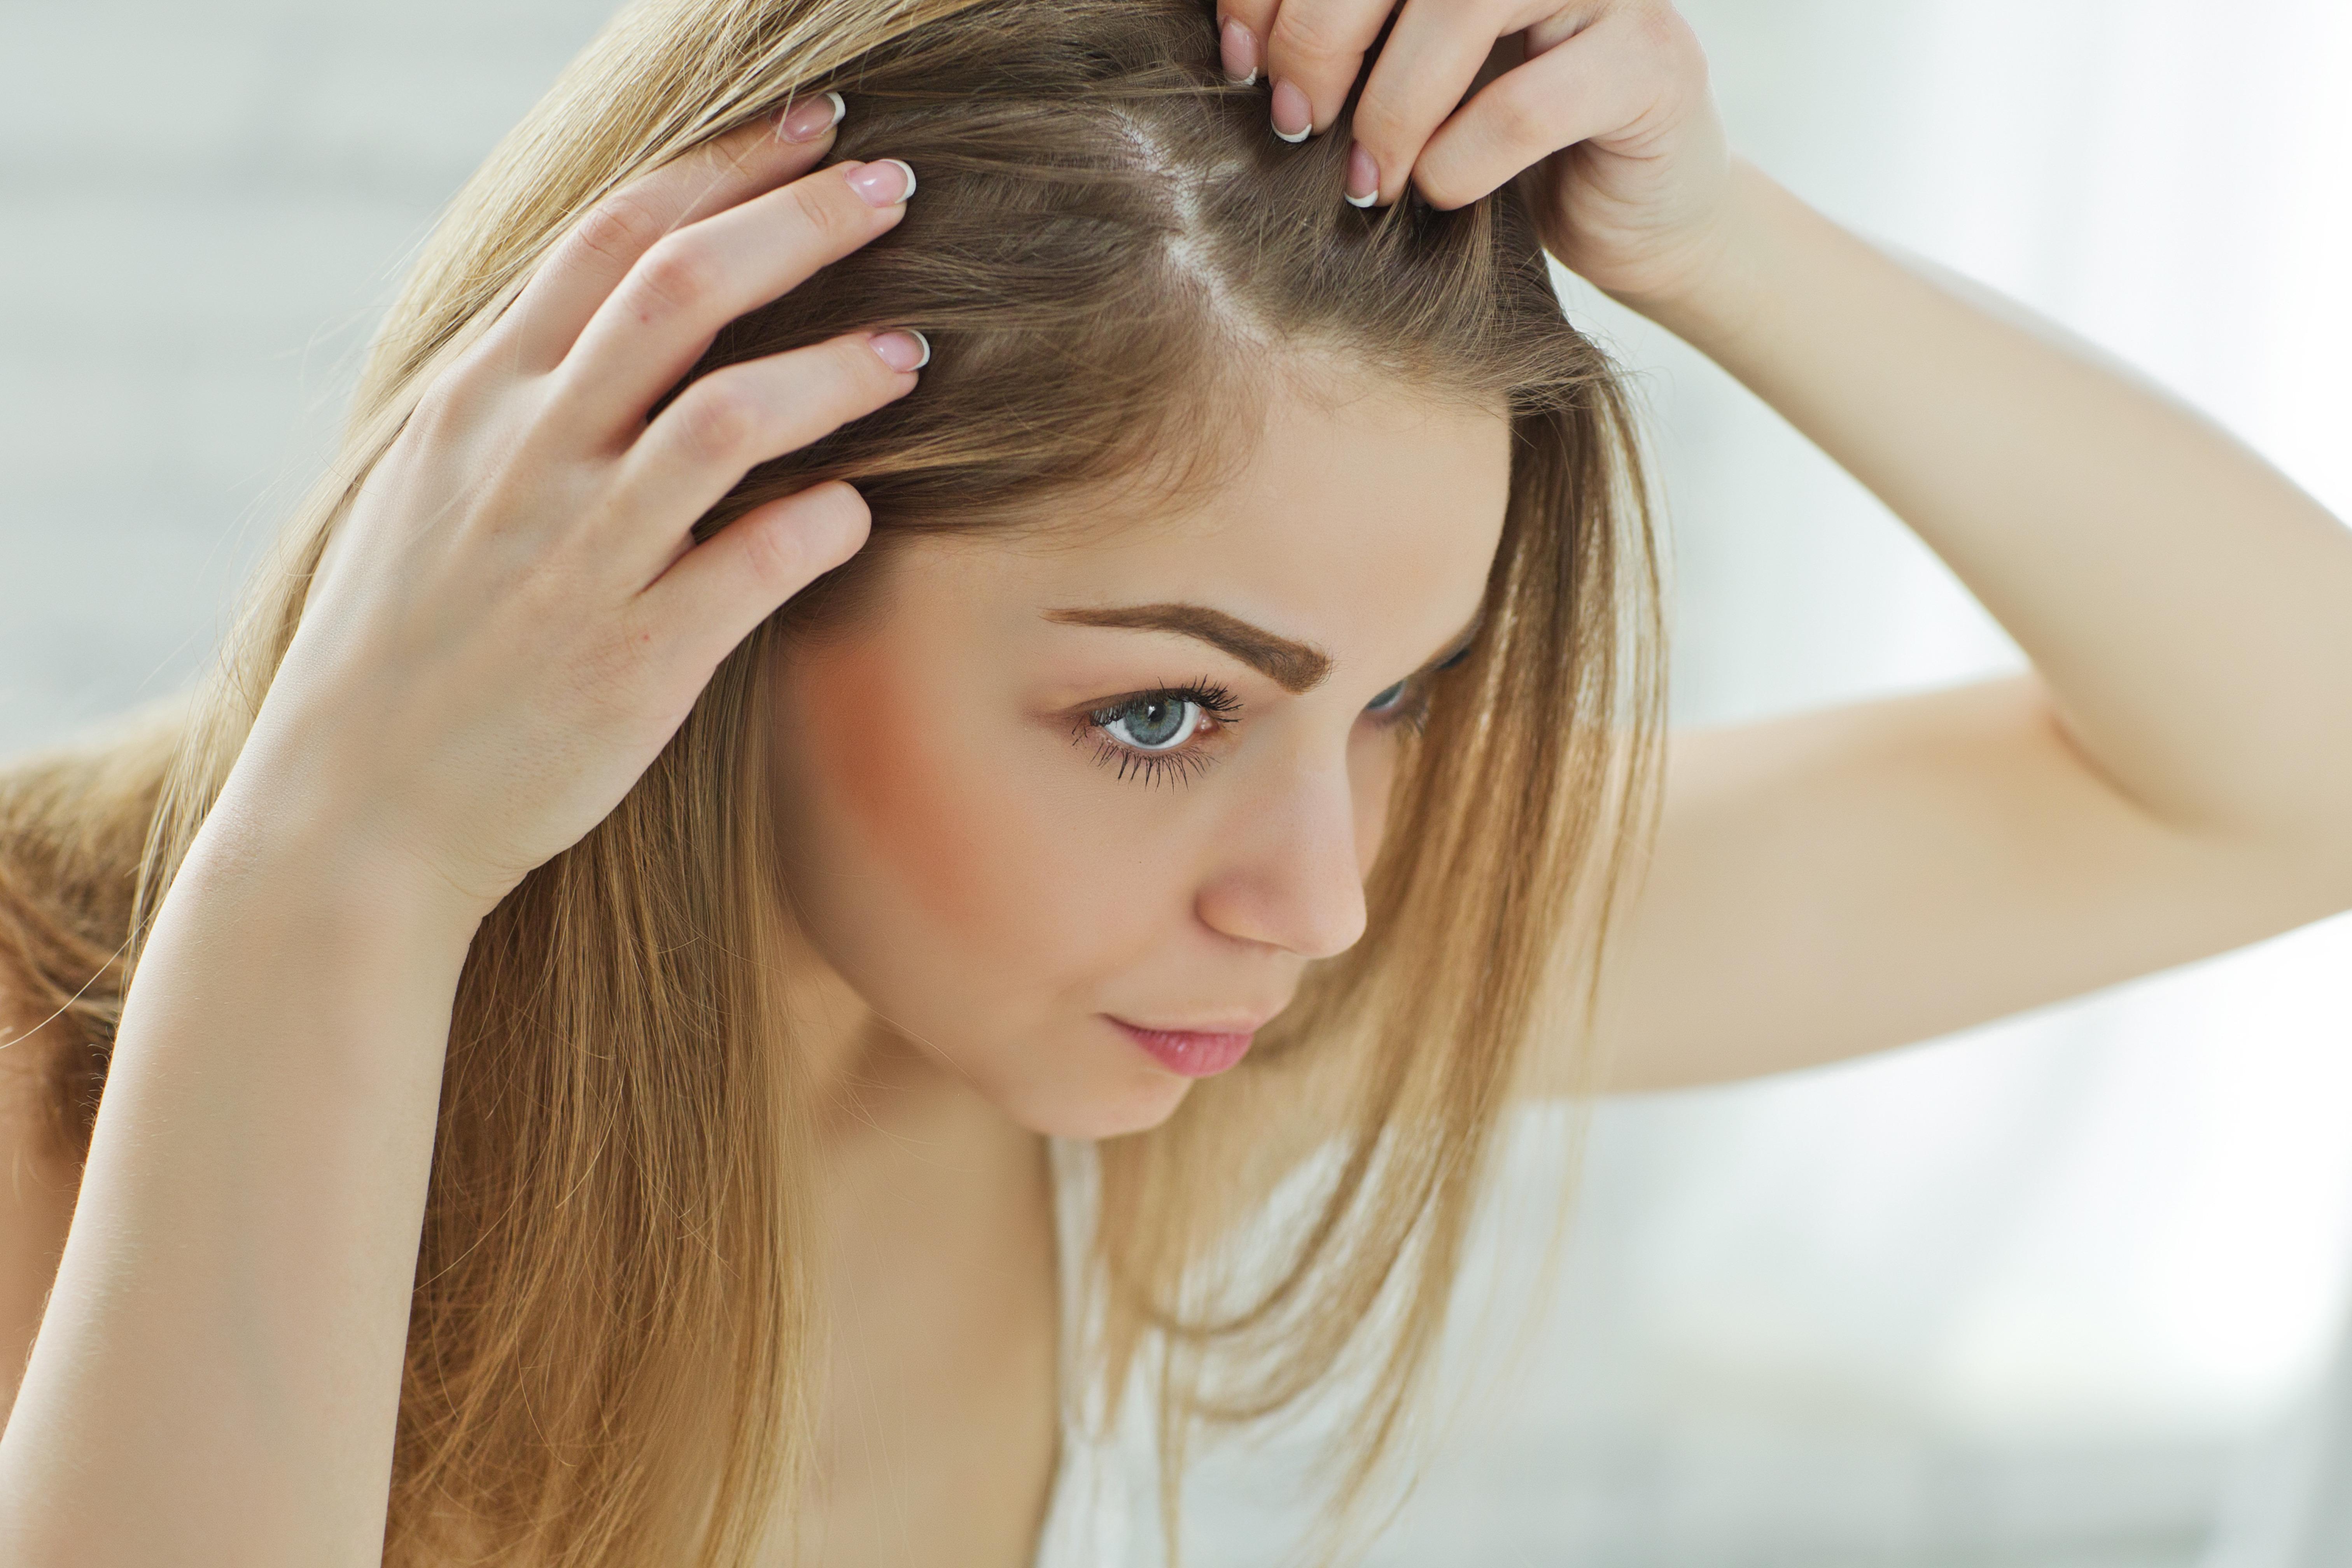 La máscara a la alopecia las revocaciones